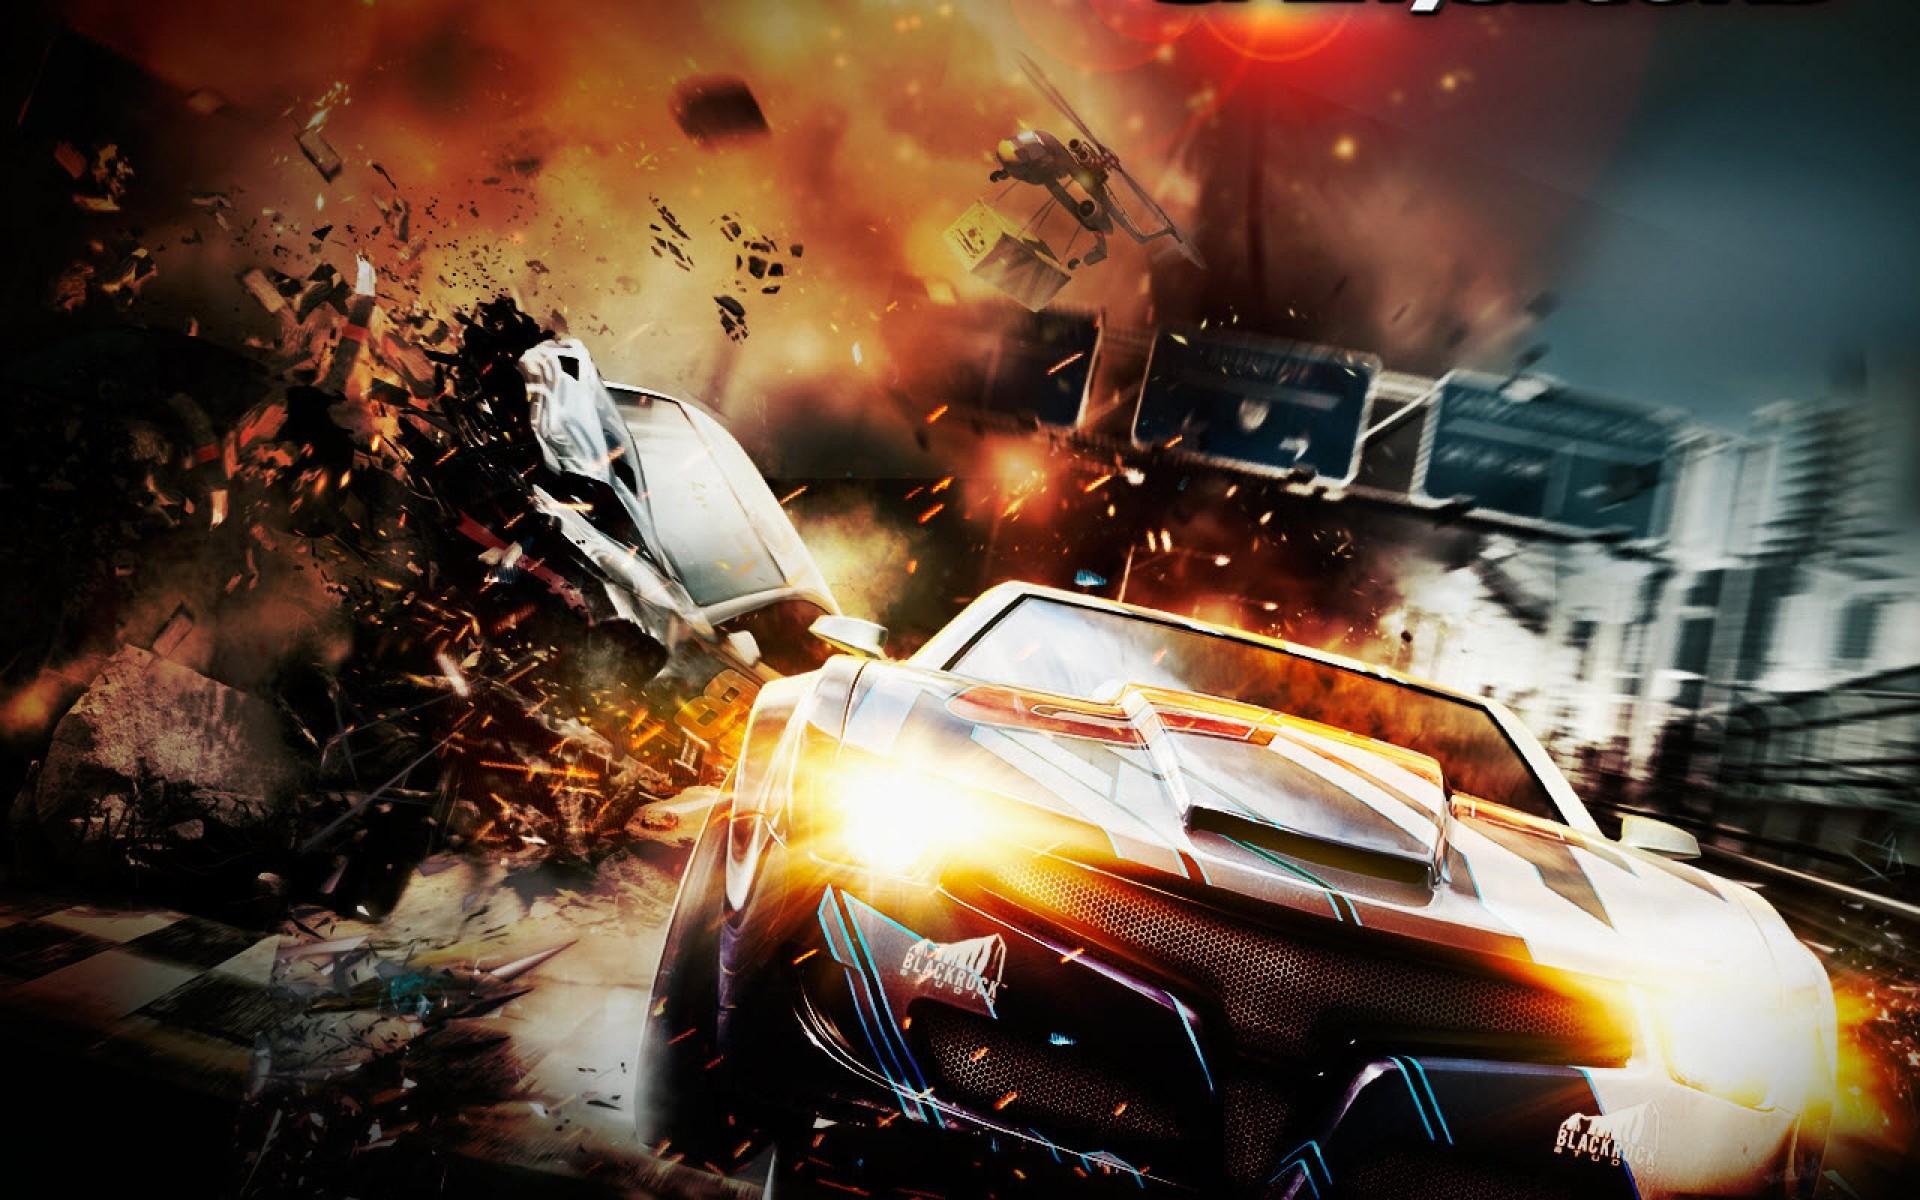 Spilt second racing game wallpaper hd widescreen.